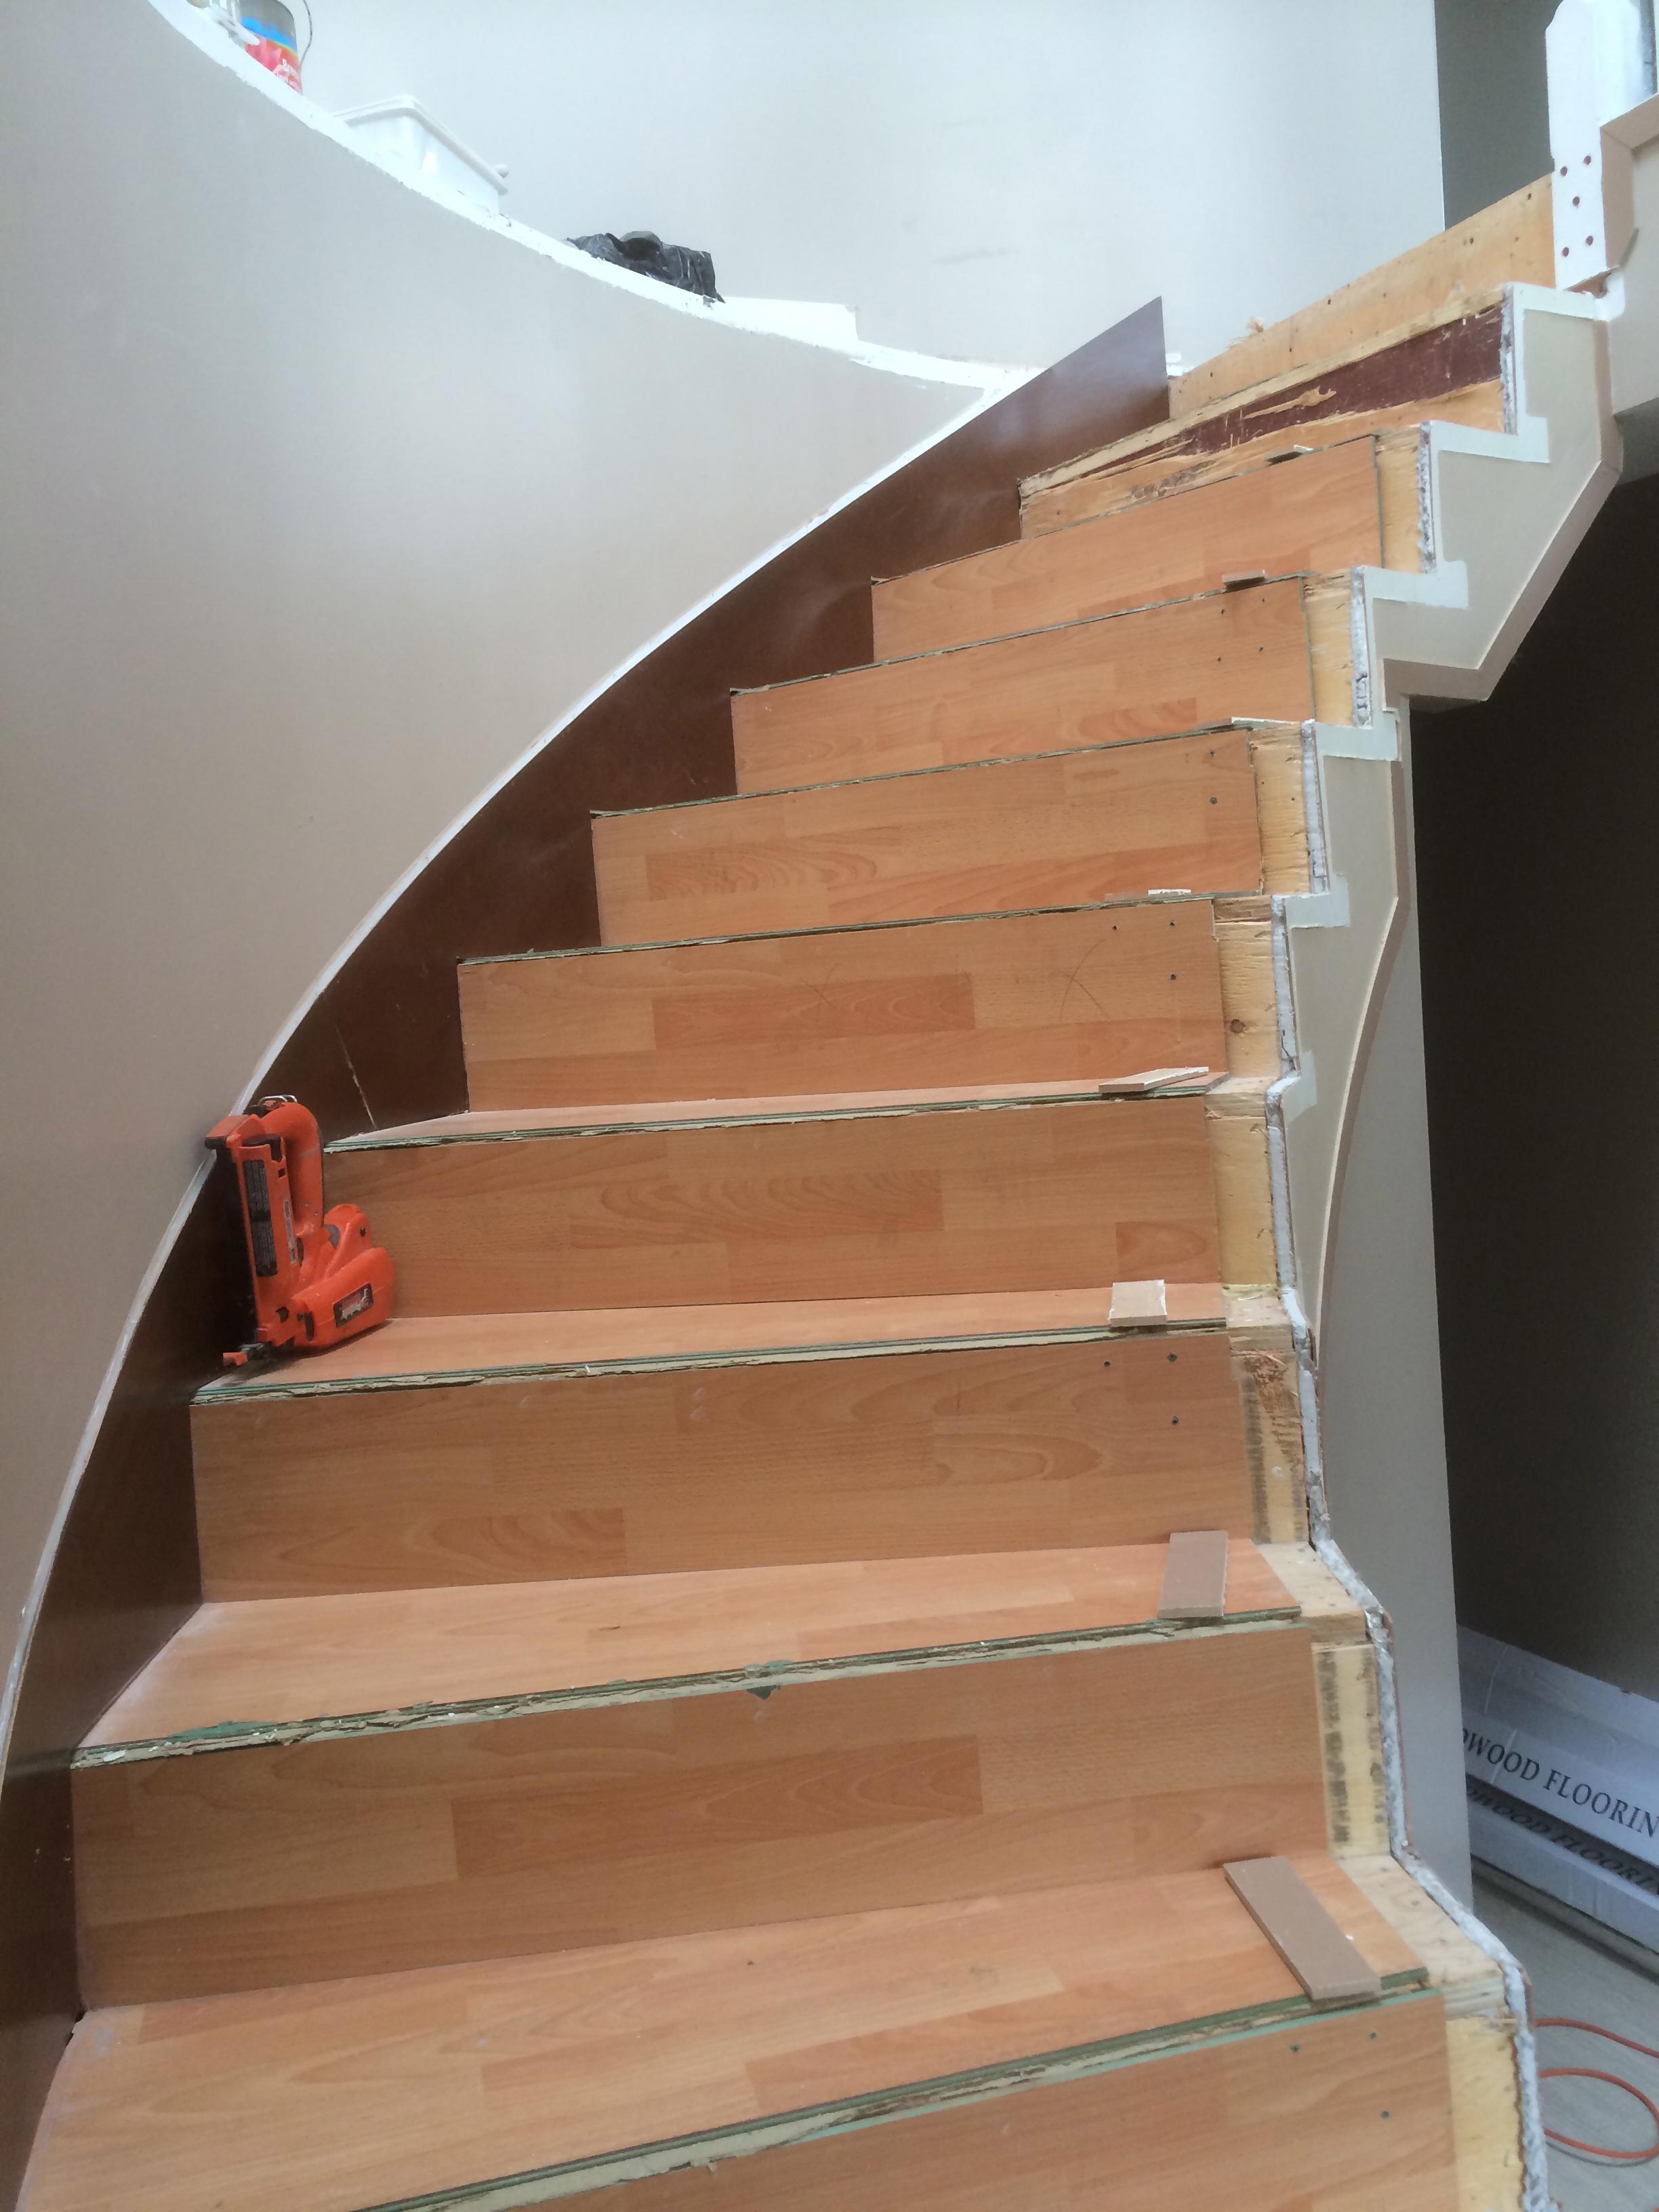 Stairs0005.jpg